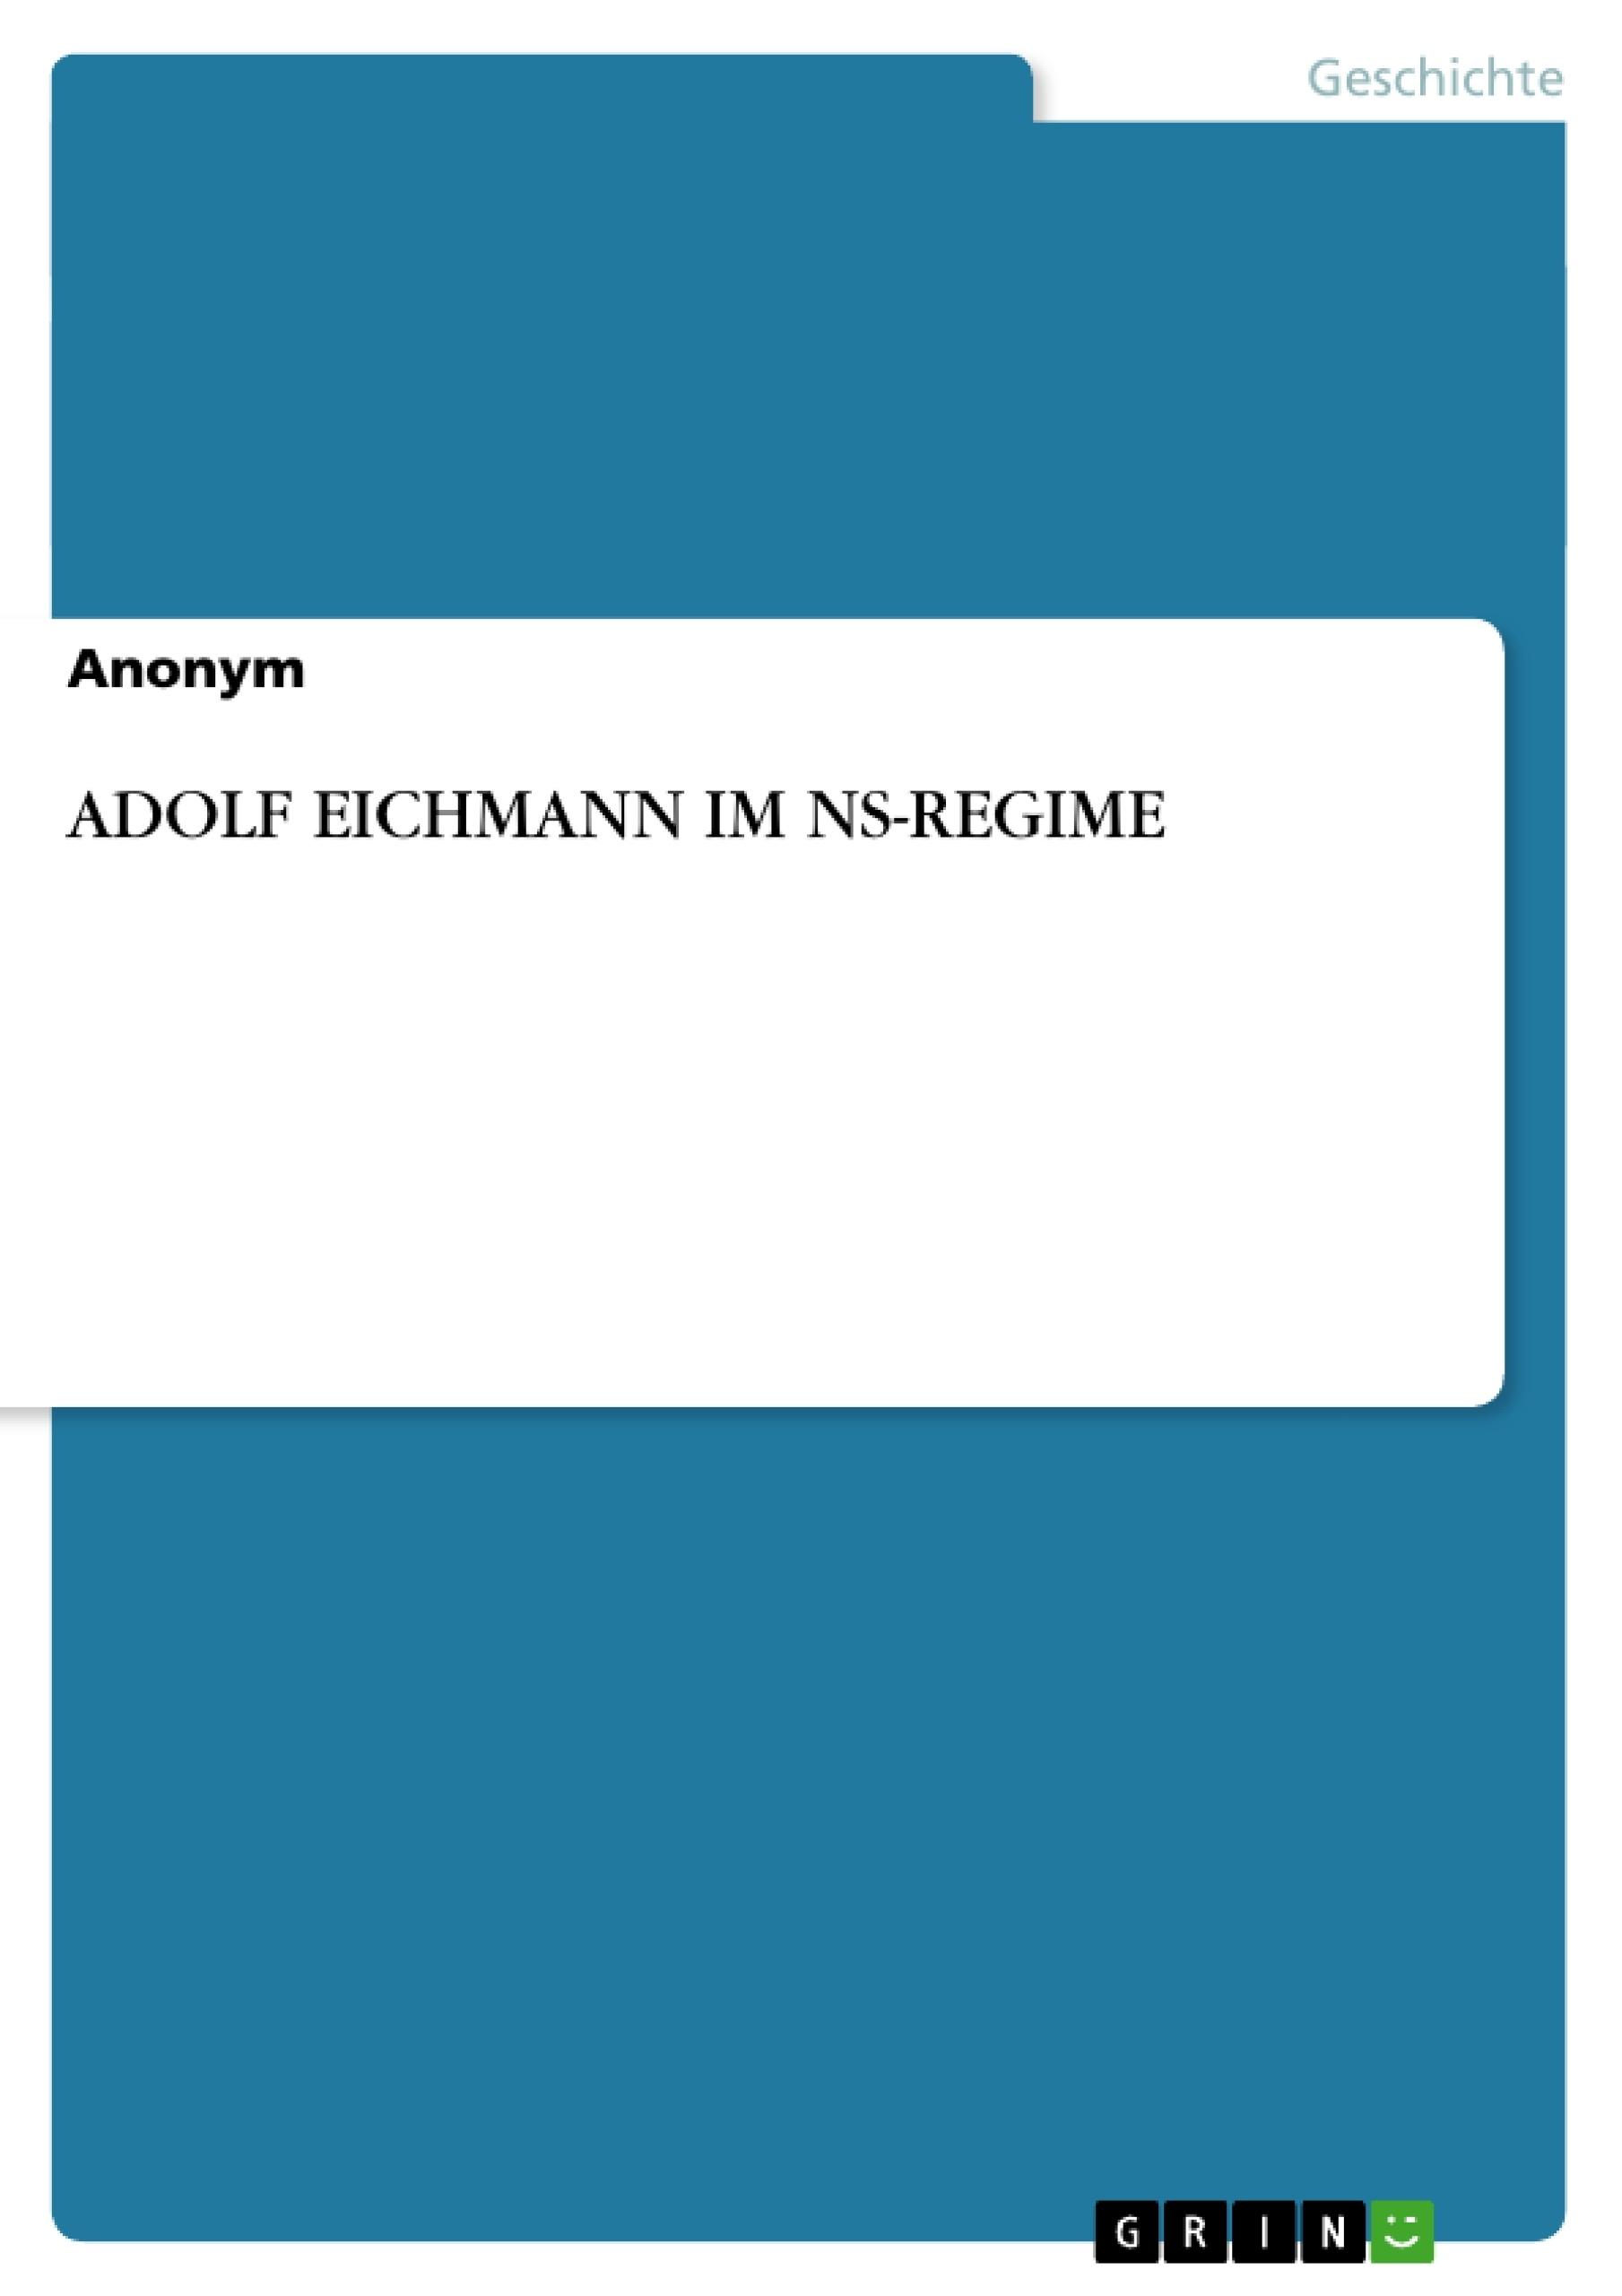 Titel: ADOLF EICHMANN IM NS-REGIME